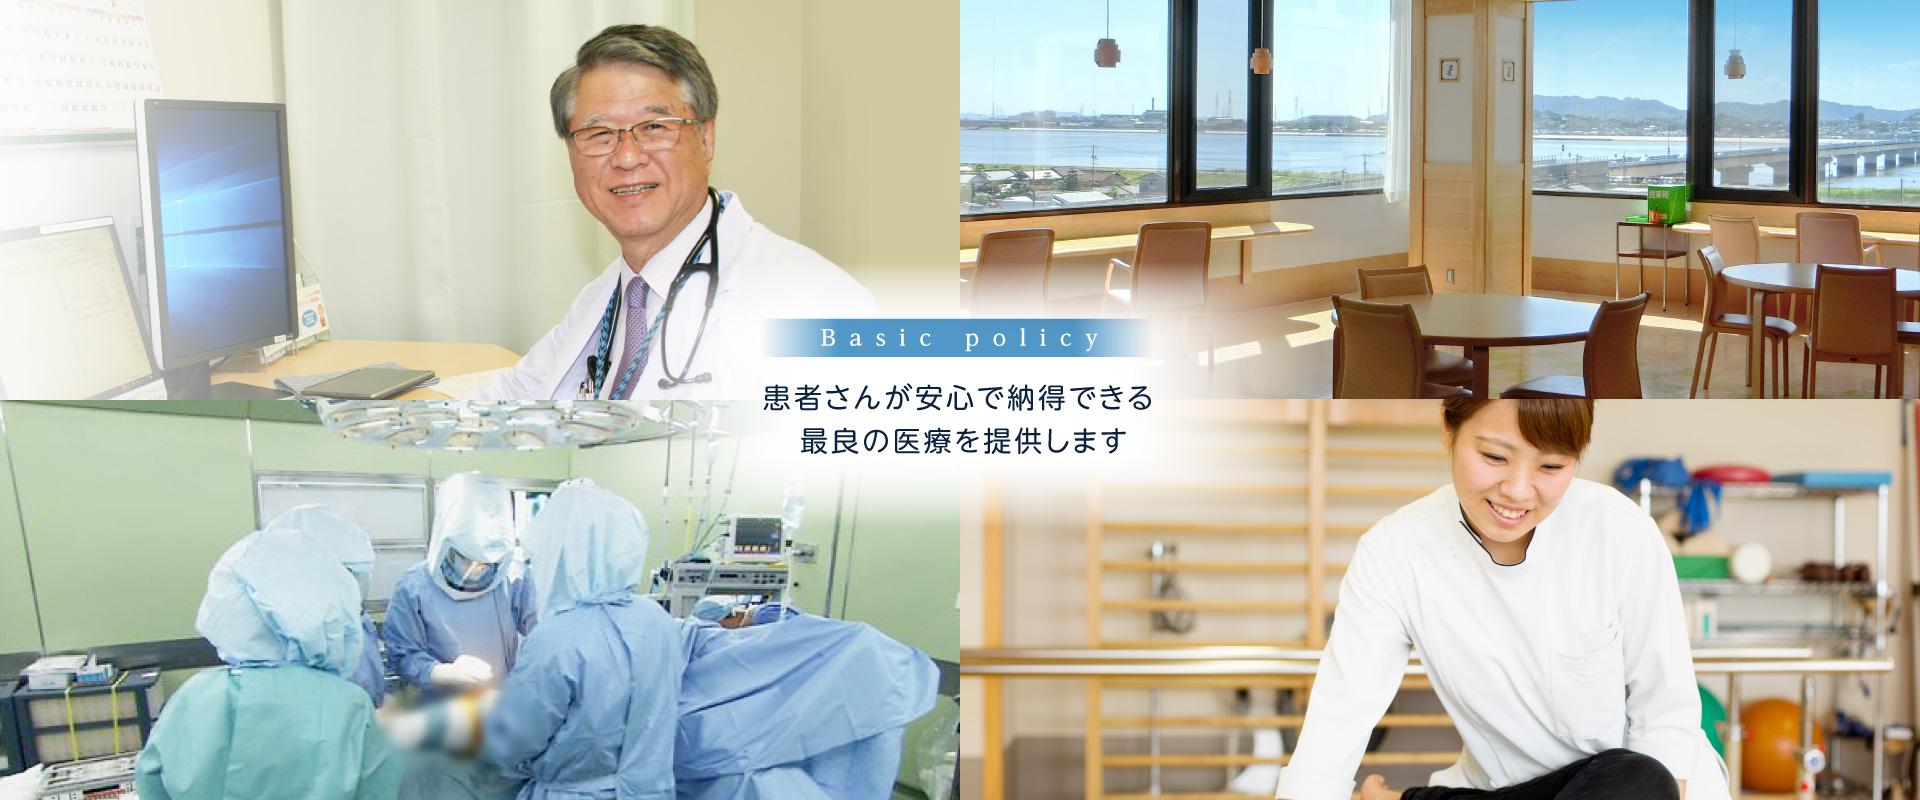 http://患者さんが安心で納得できる最良の医療を提供します